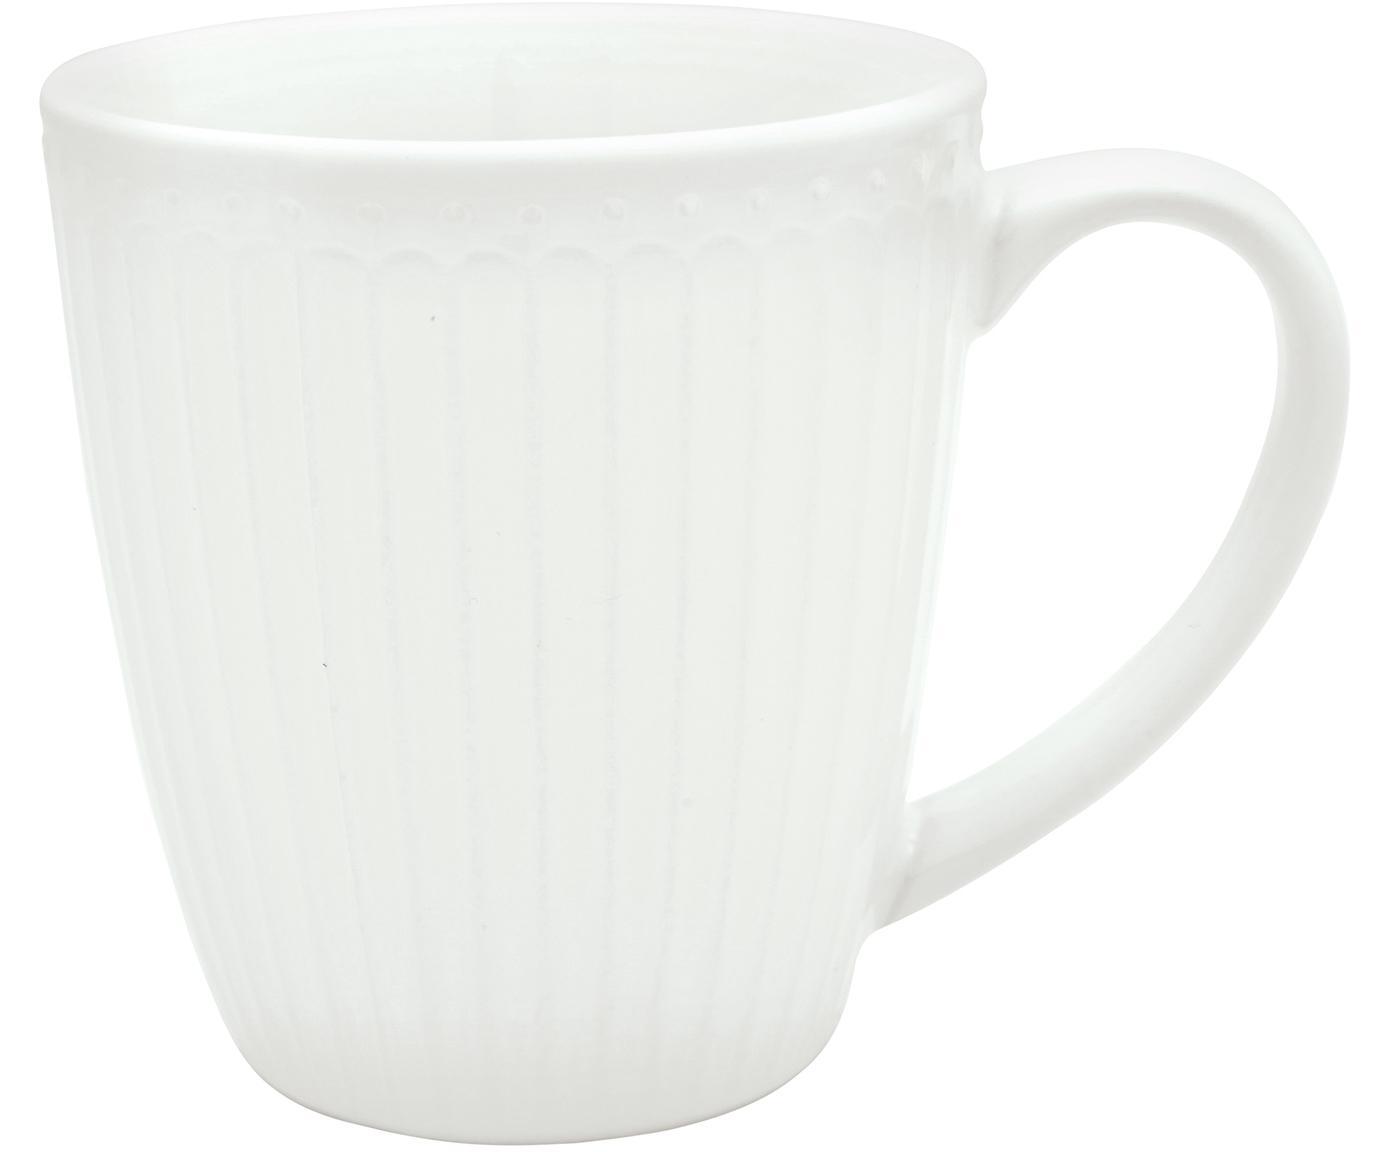 Handgefertigte Tassen Alice in Weiß mit Reliefdesign, 2 Stück, Steingut, Weiß, Ø 10 x H 10 cm